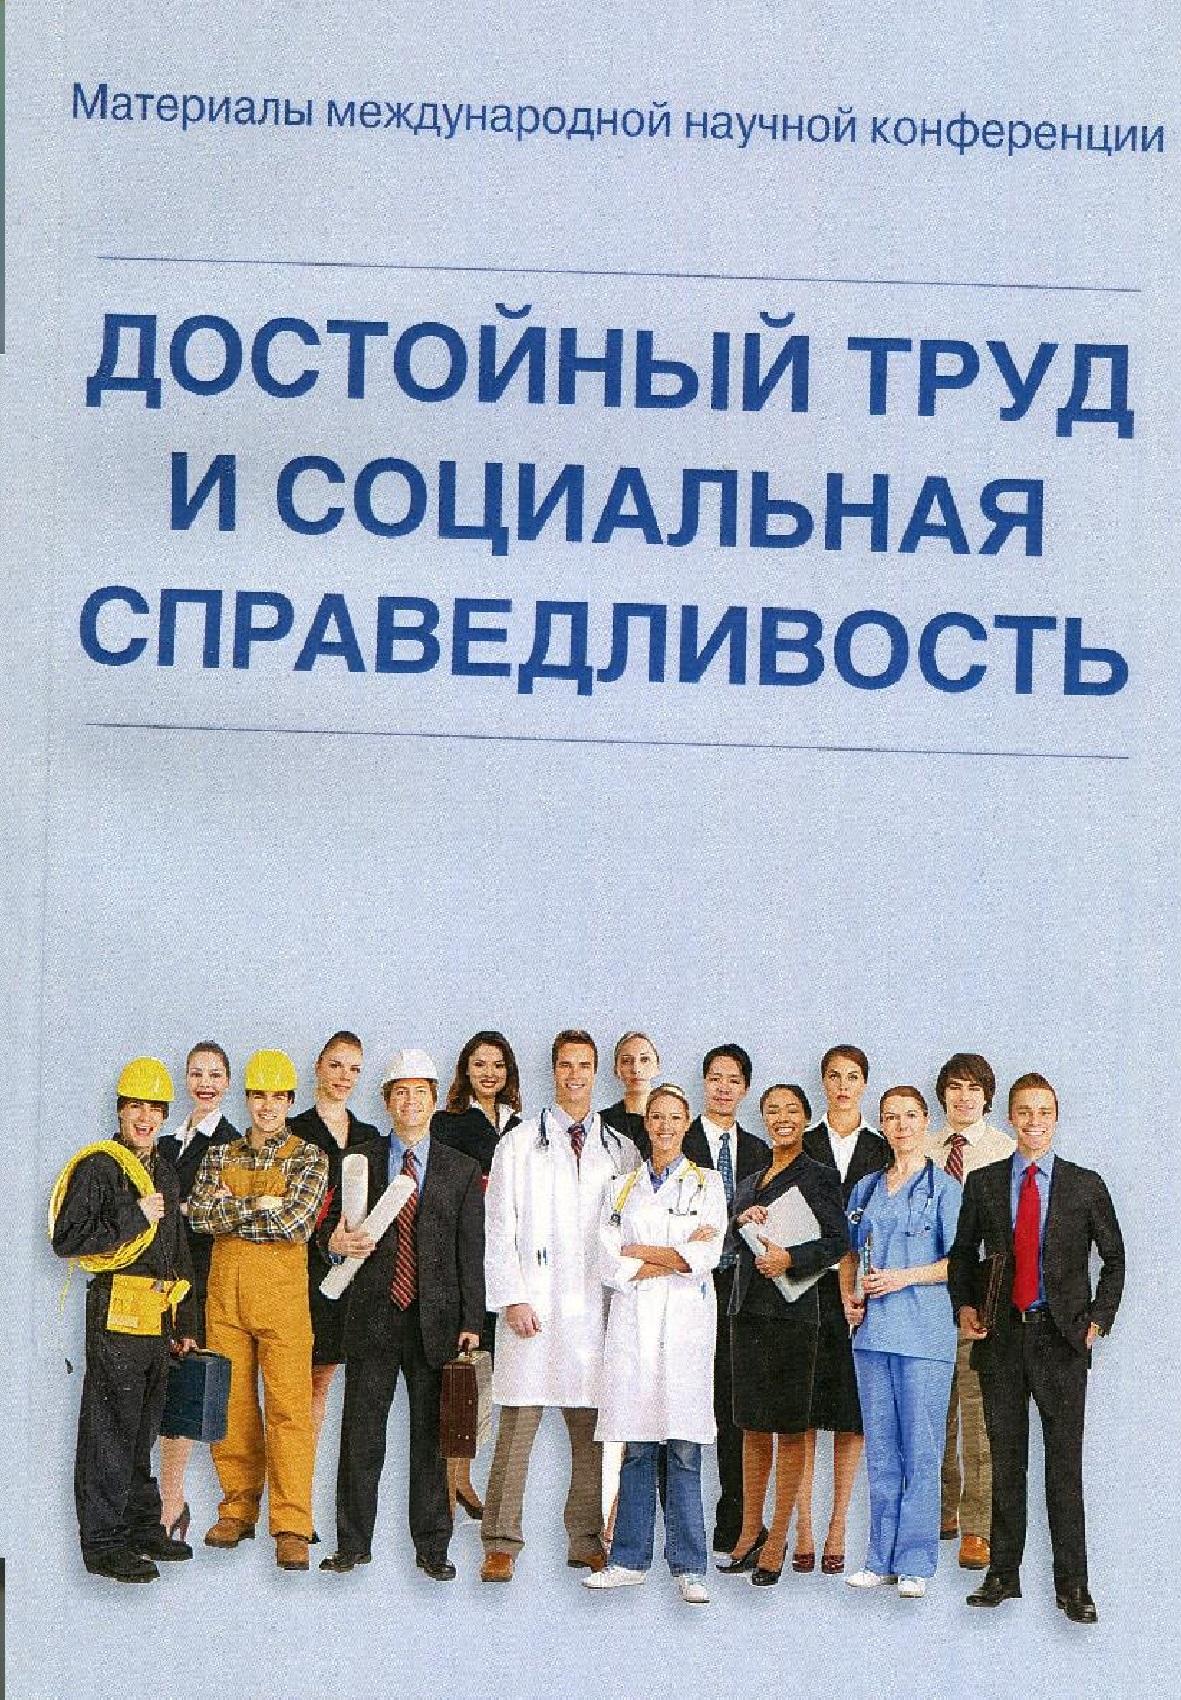 Сравнительно-правовой анализ участия работников в управлении организациями в России и Германии: сравнительно-правовой анализ